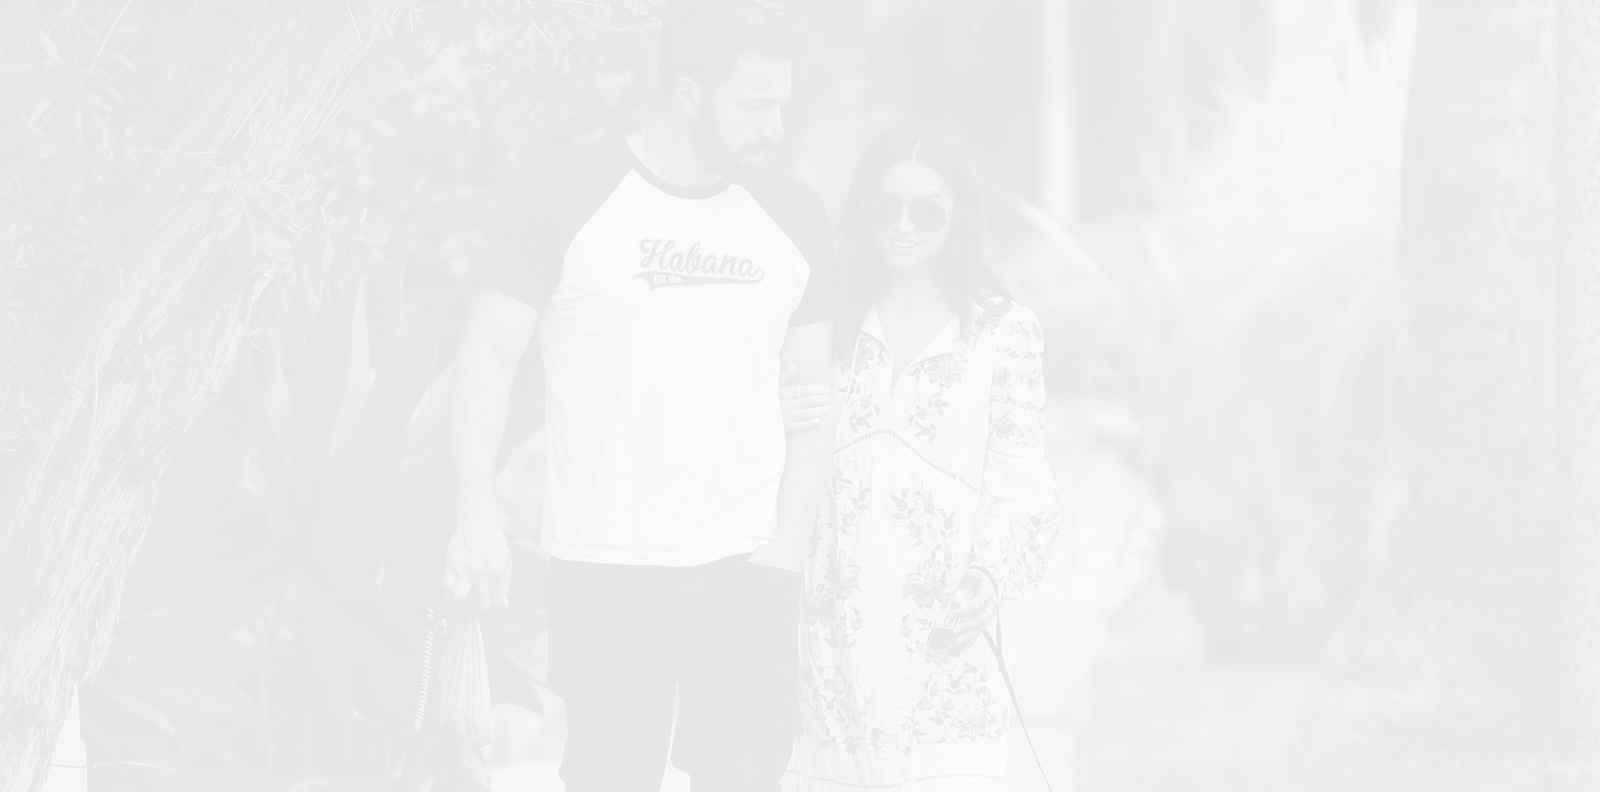 Момент, Бен Афлек и Ана де Армас вече са сгодени?